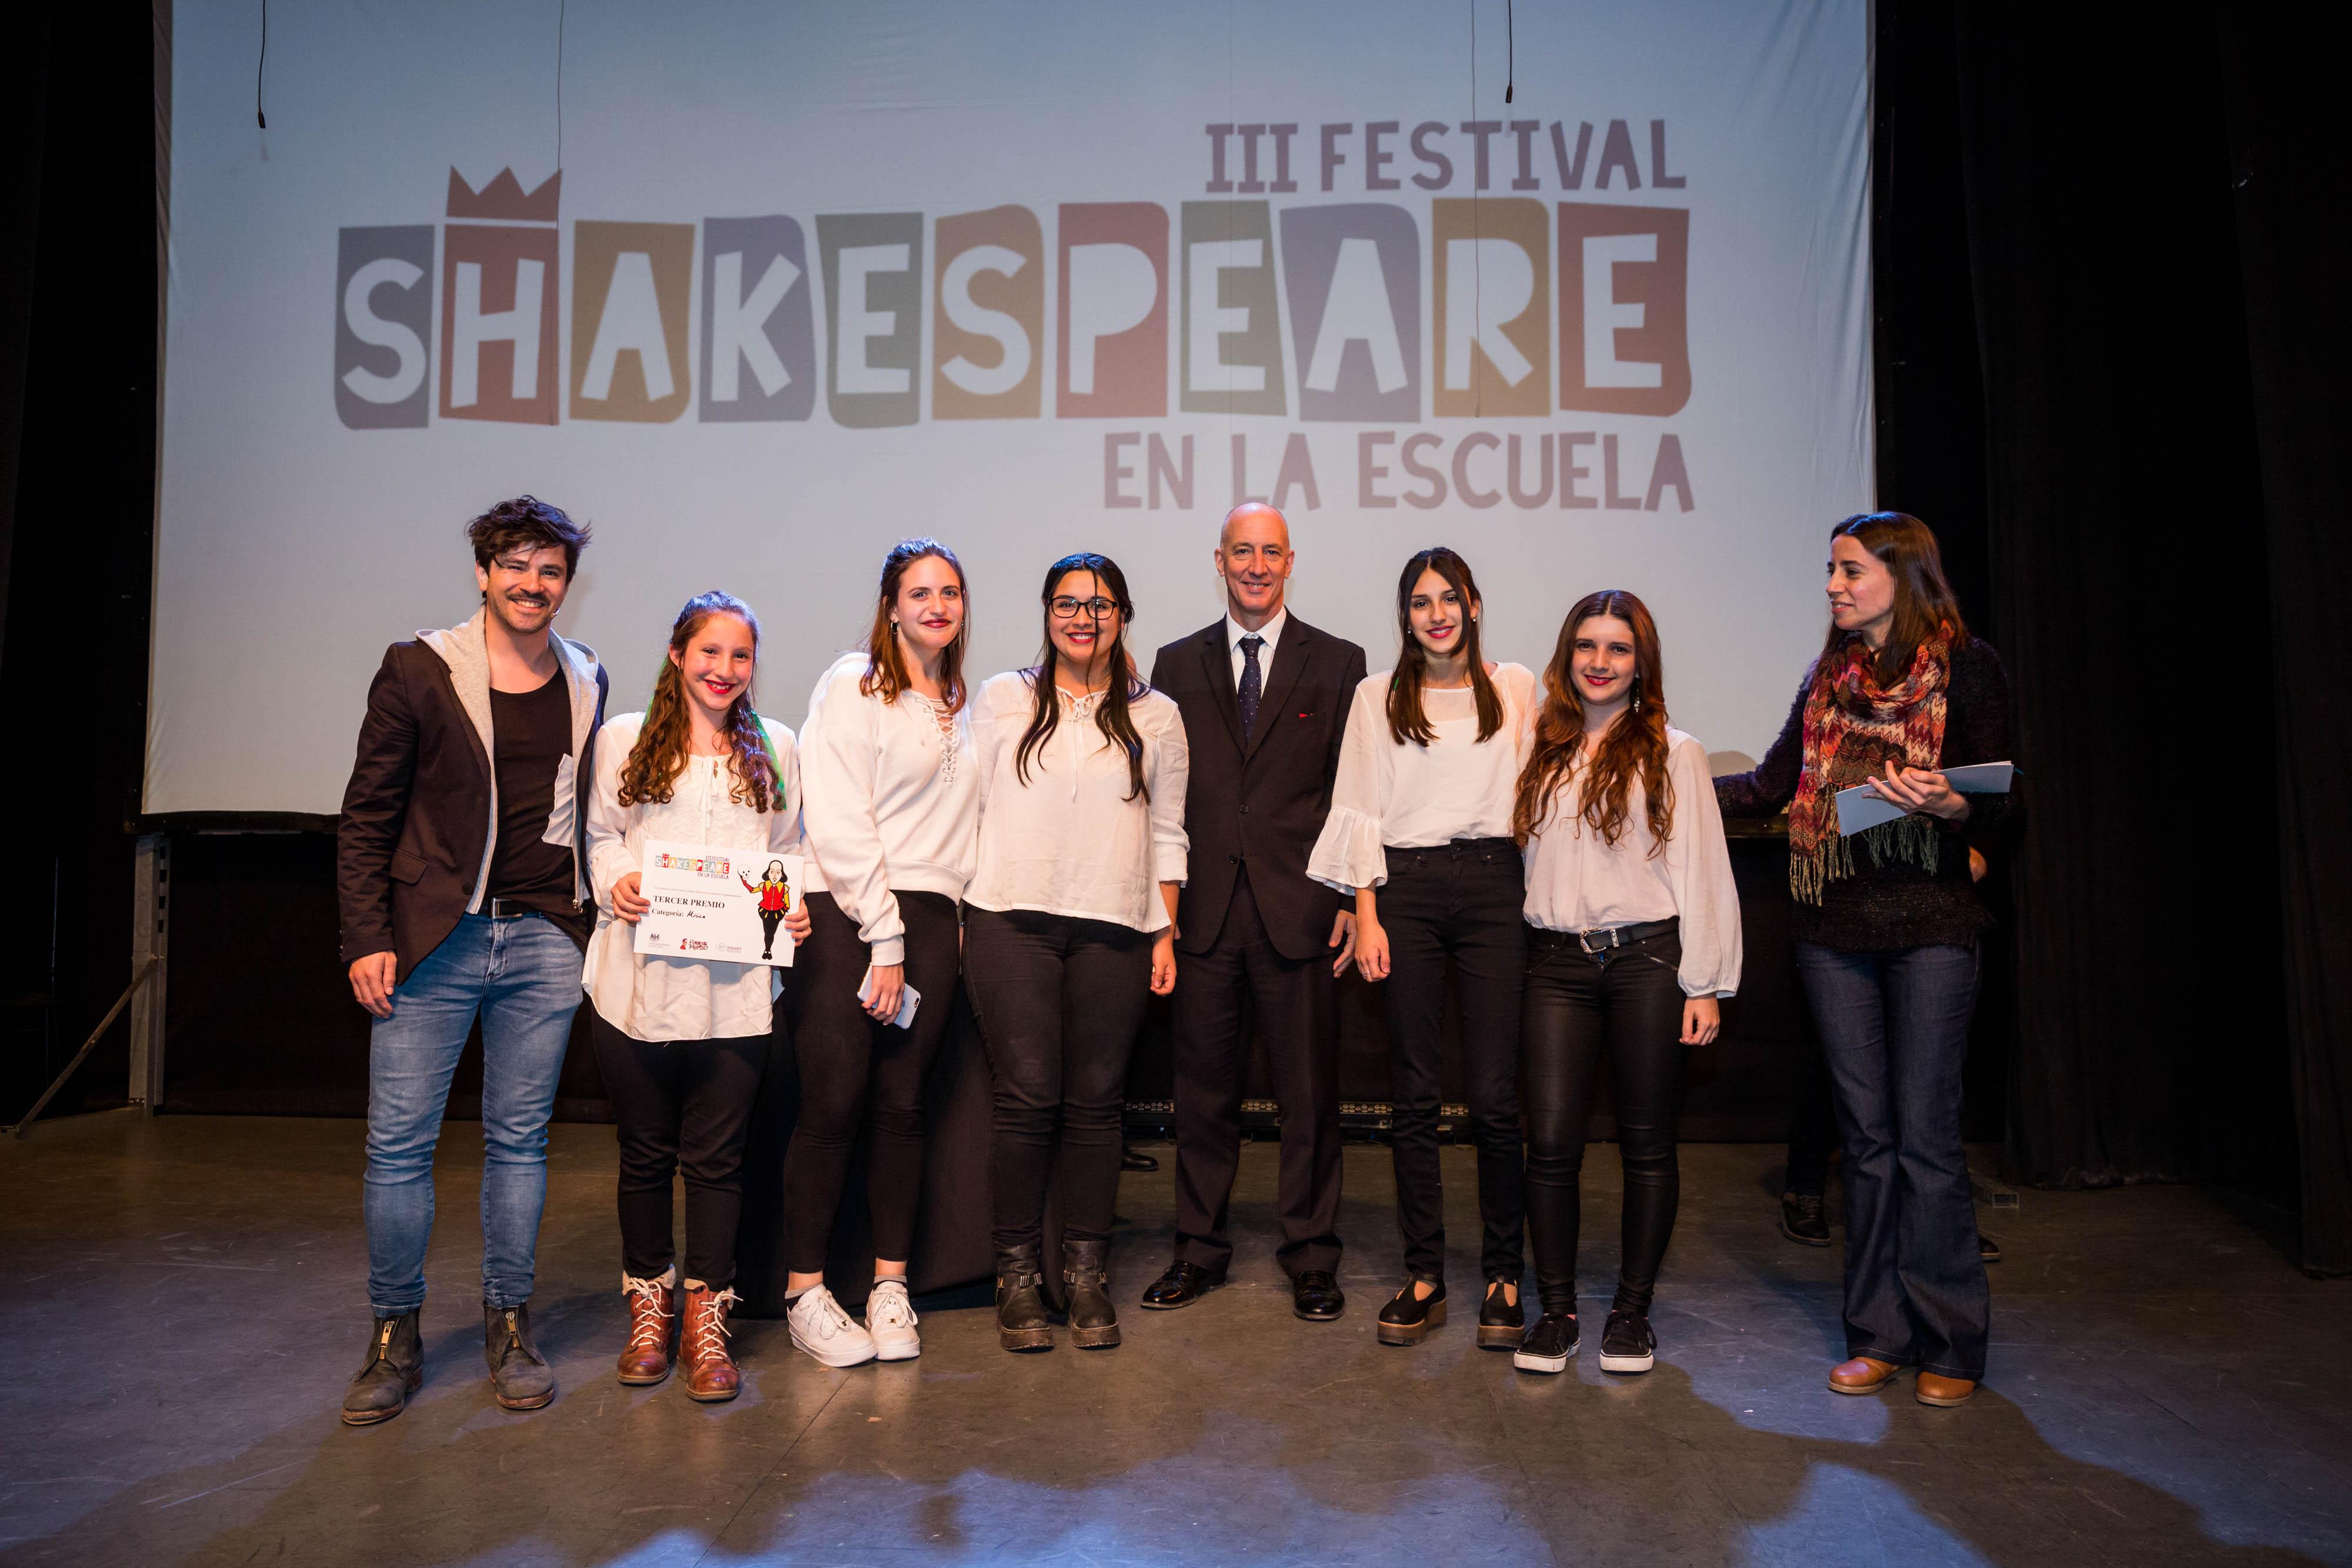 172-Shakespeare en la escuela-050917